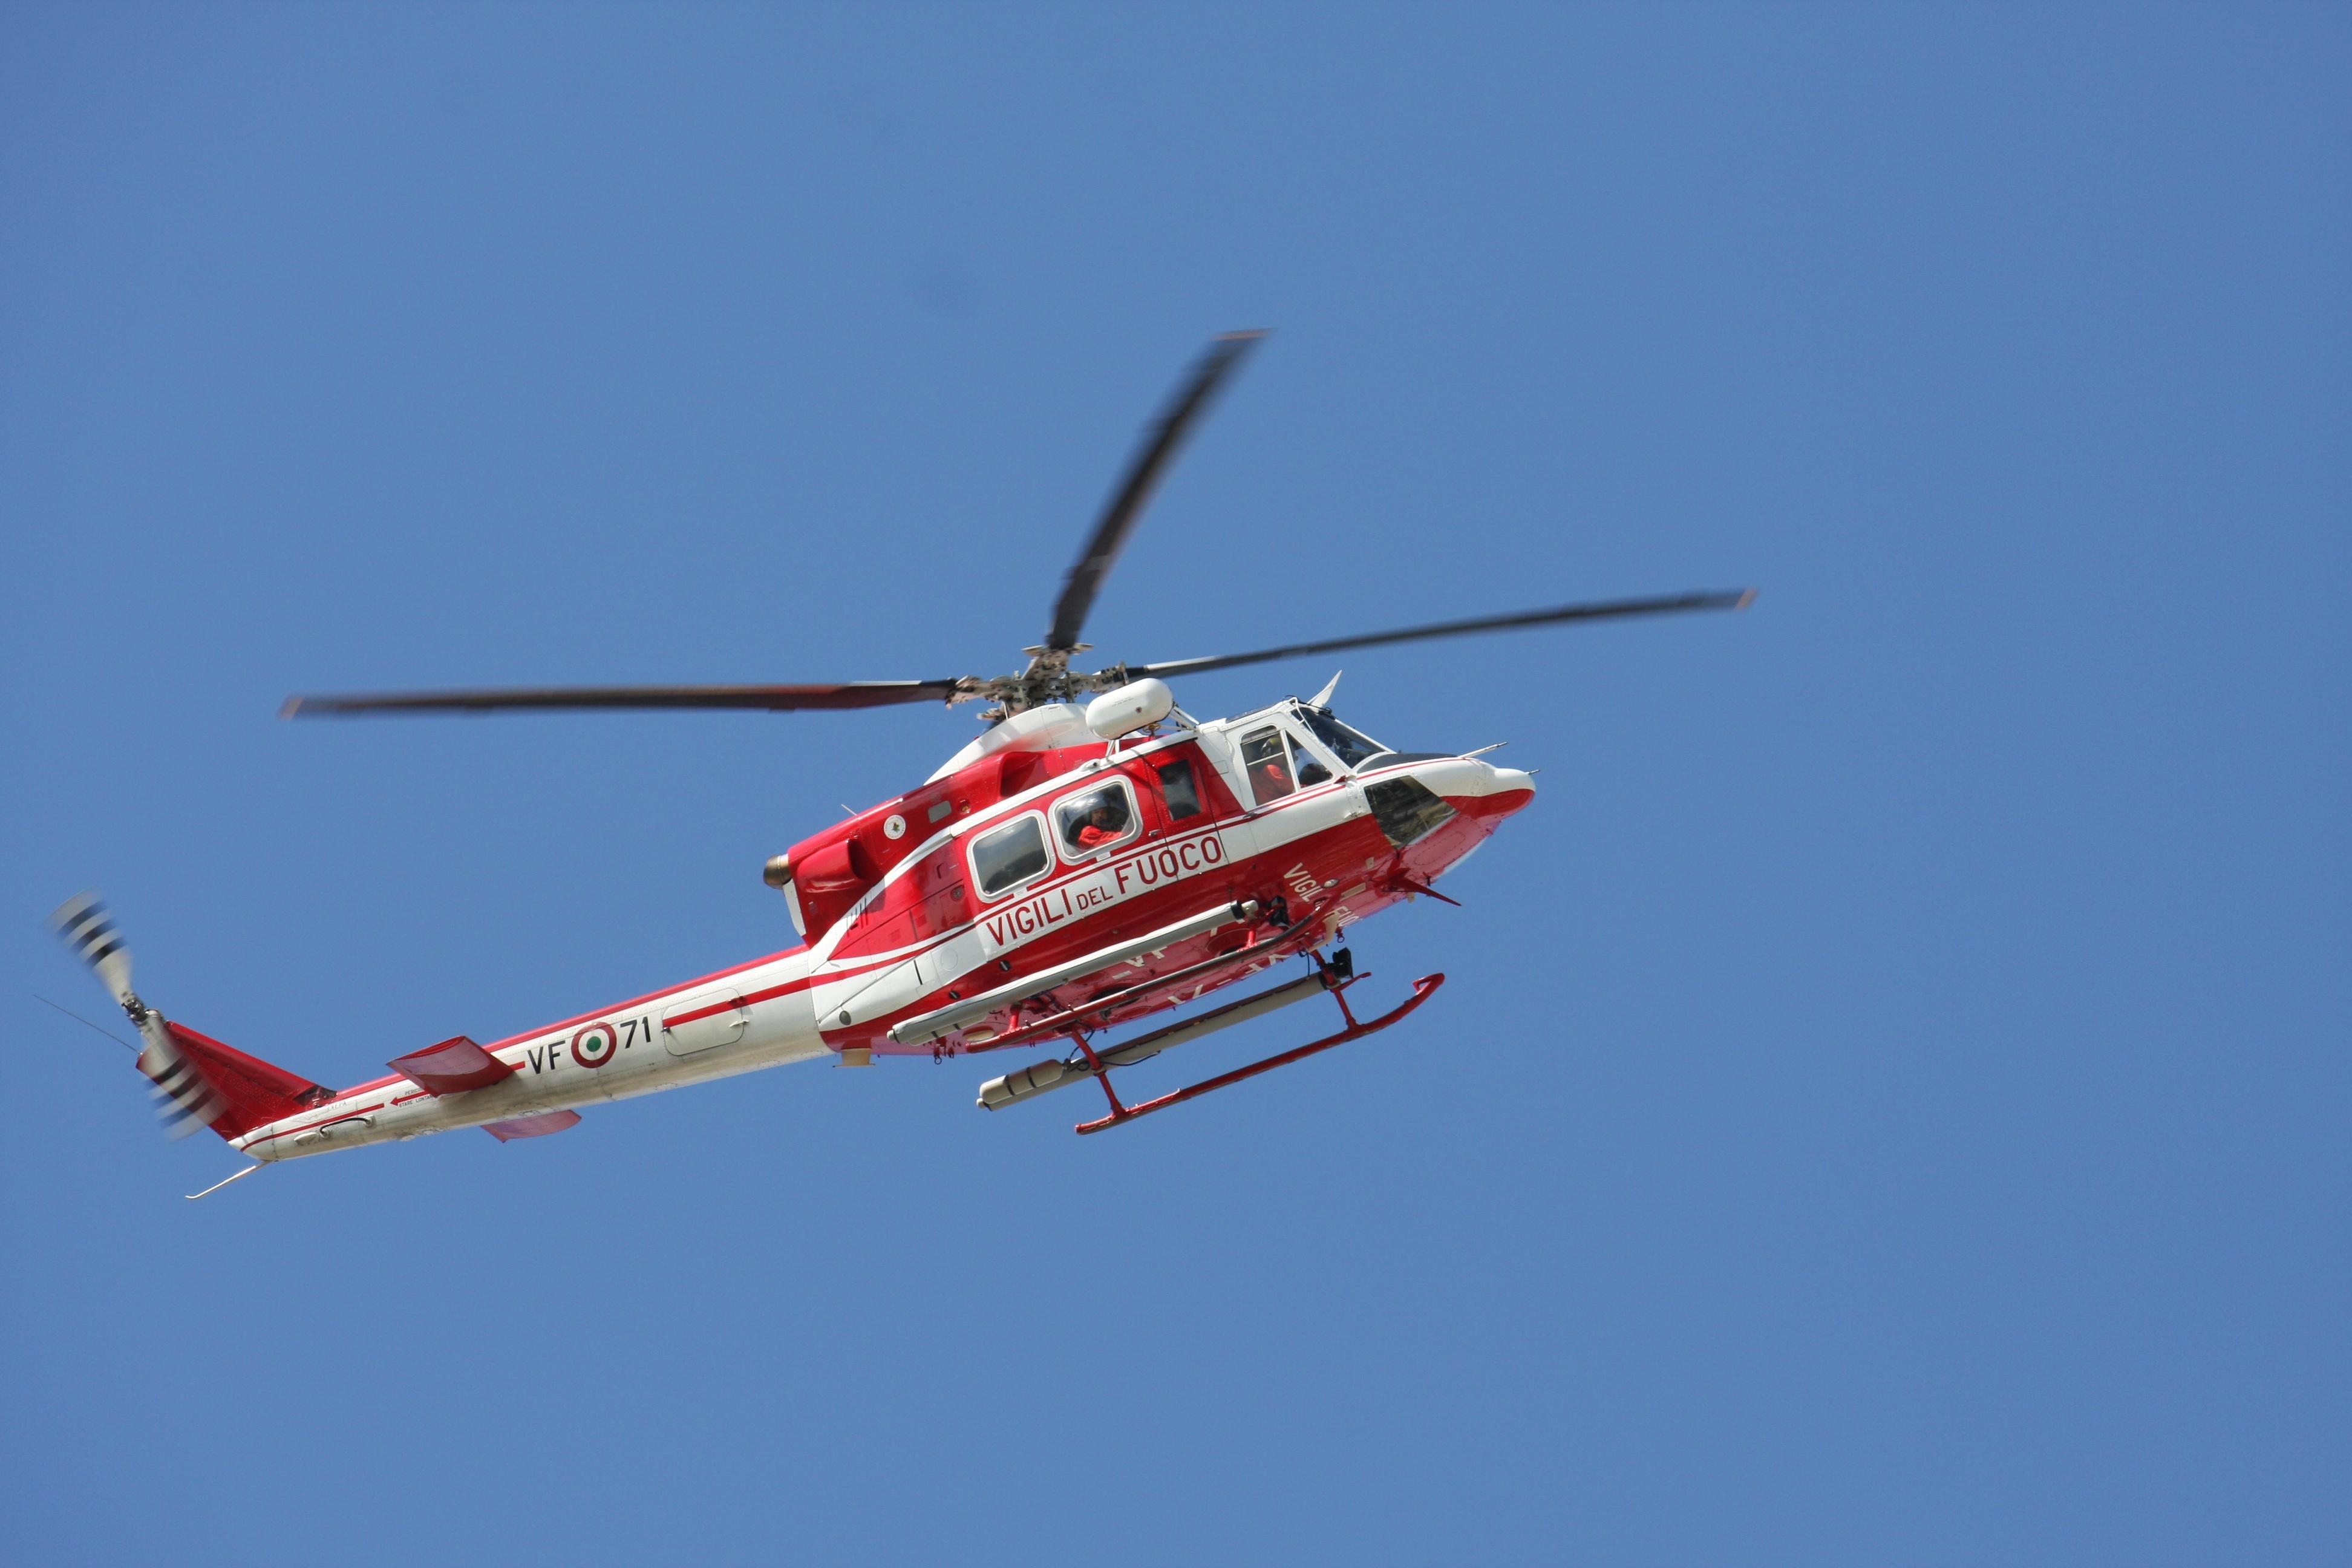 Un Elicottero : Avola due bagnanti in difficoltà salvati da un elicottero